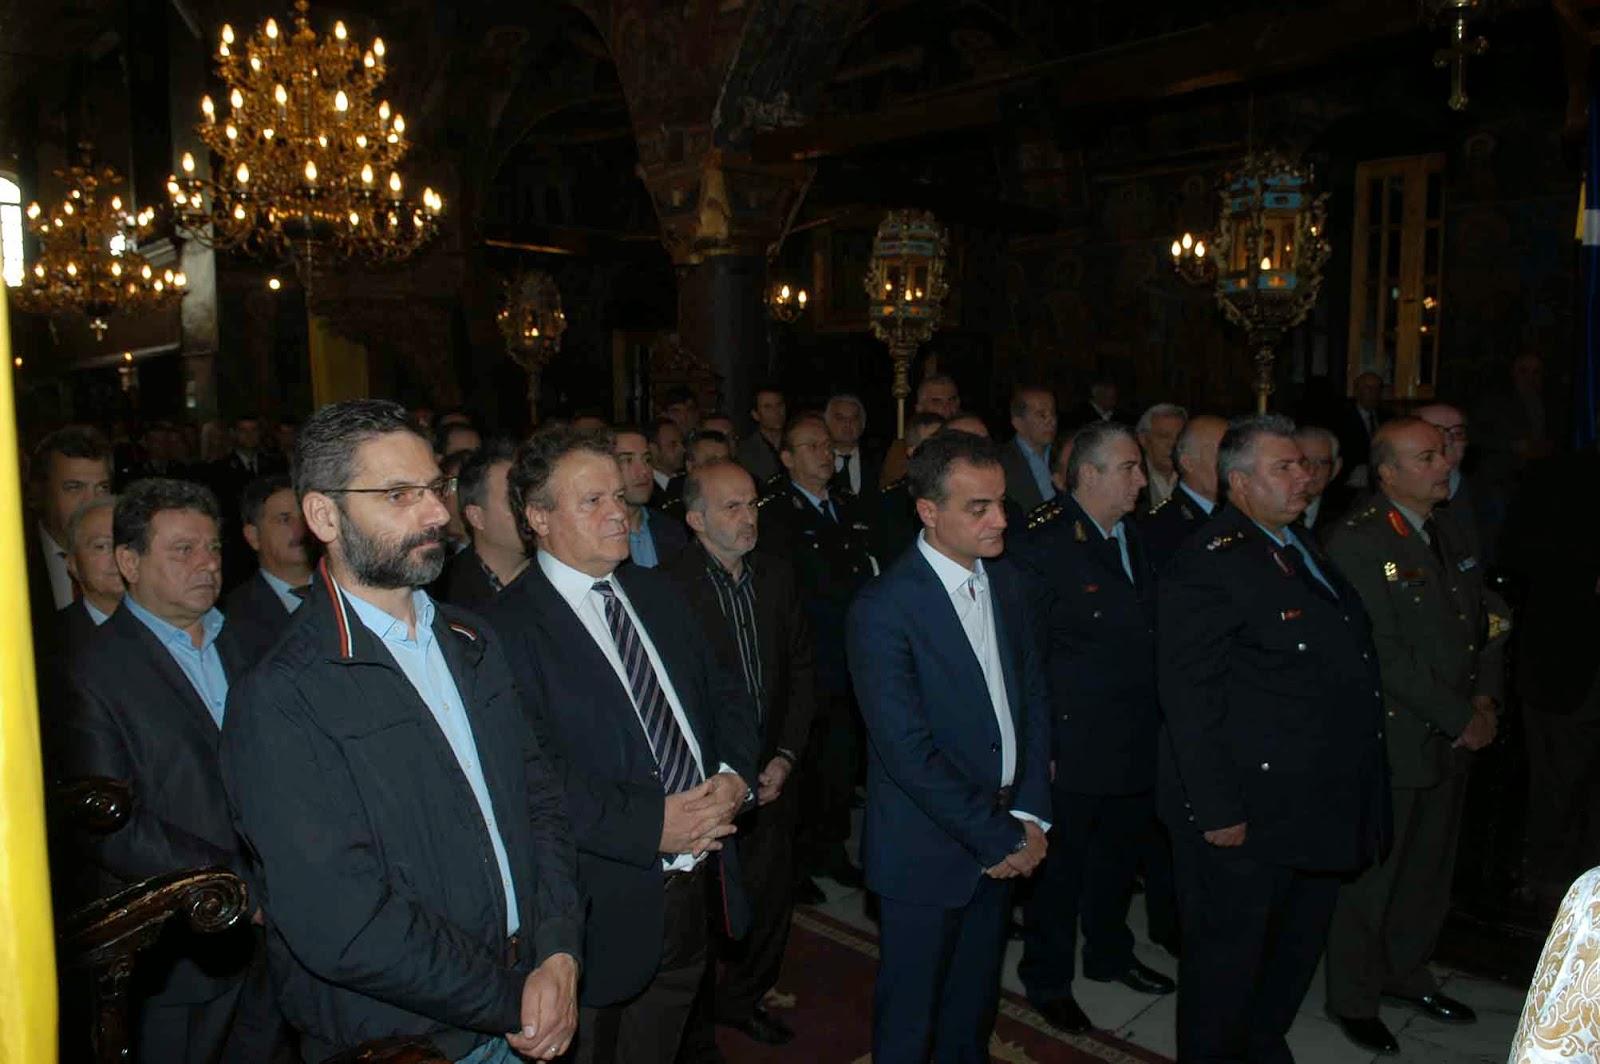 Εορτασμός της «Ημέρας της Αστυνομίας»  και του Προστάτη του Σώματος,  Μεγαλομάρτυρα Αγίου Αρτεμίου